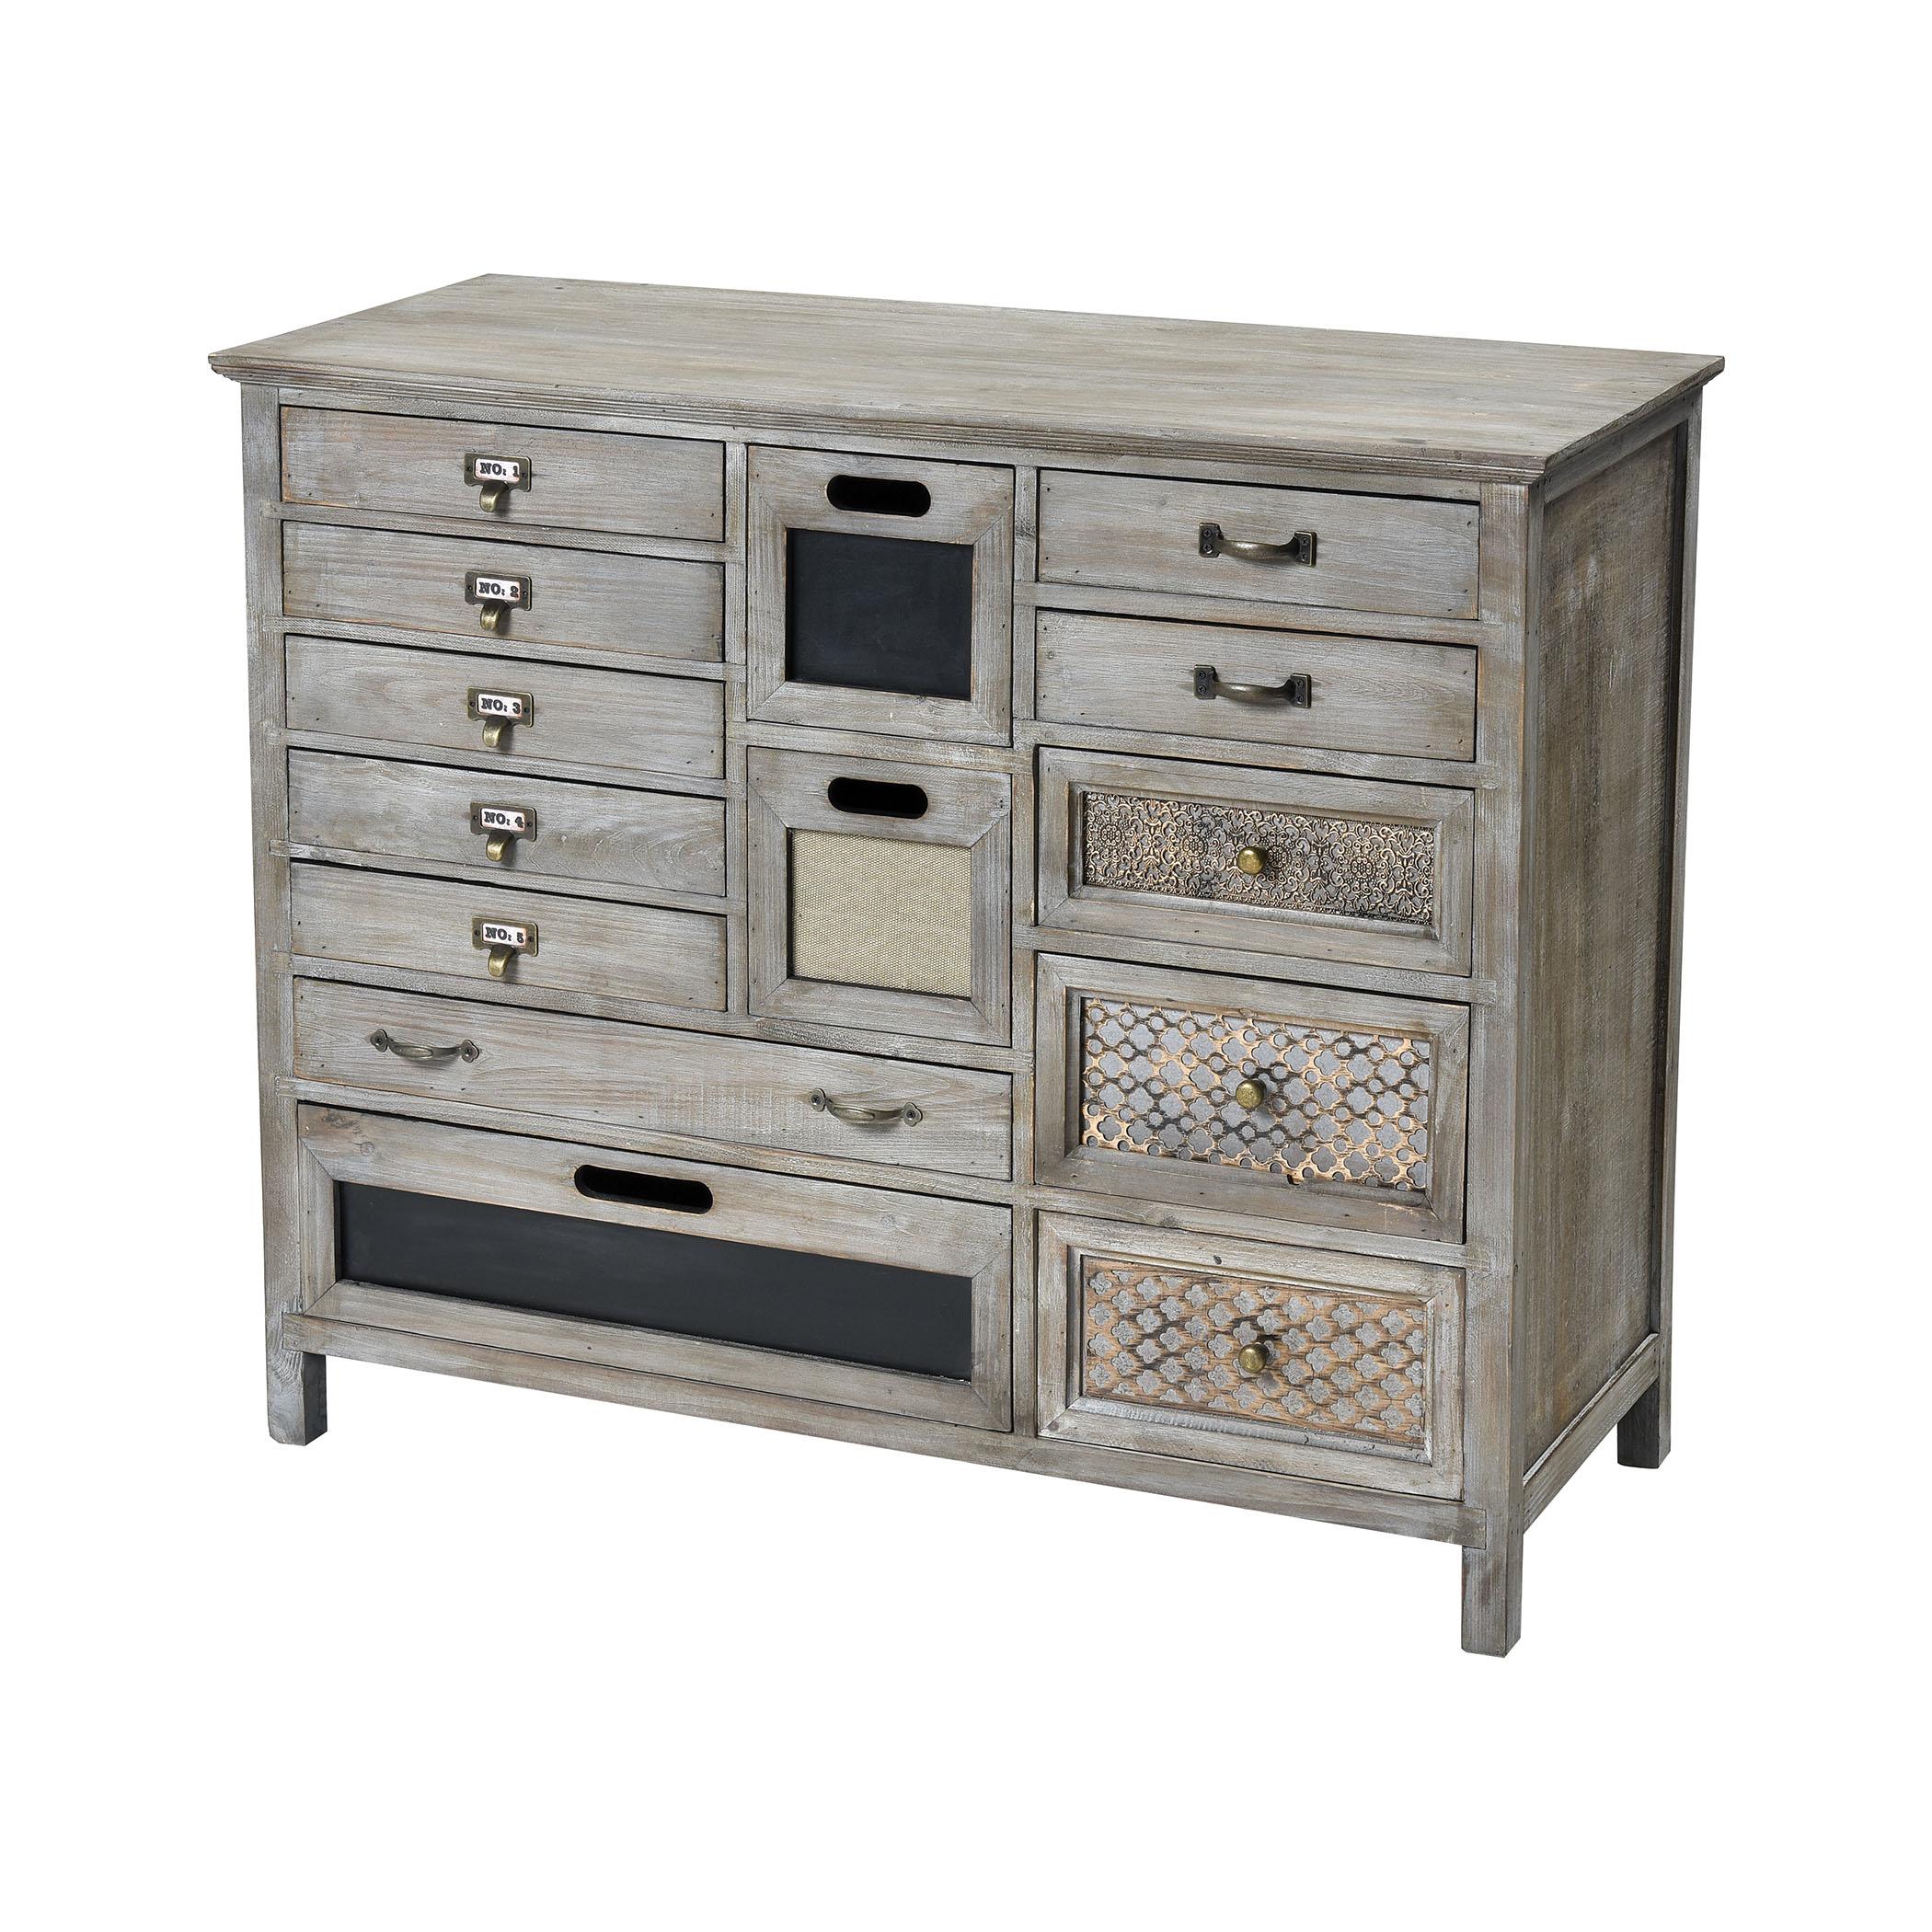 Topanga Cabinet Small | Elk Home